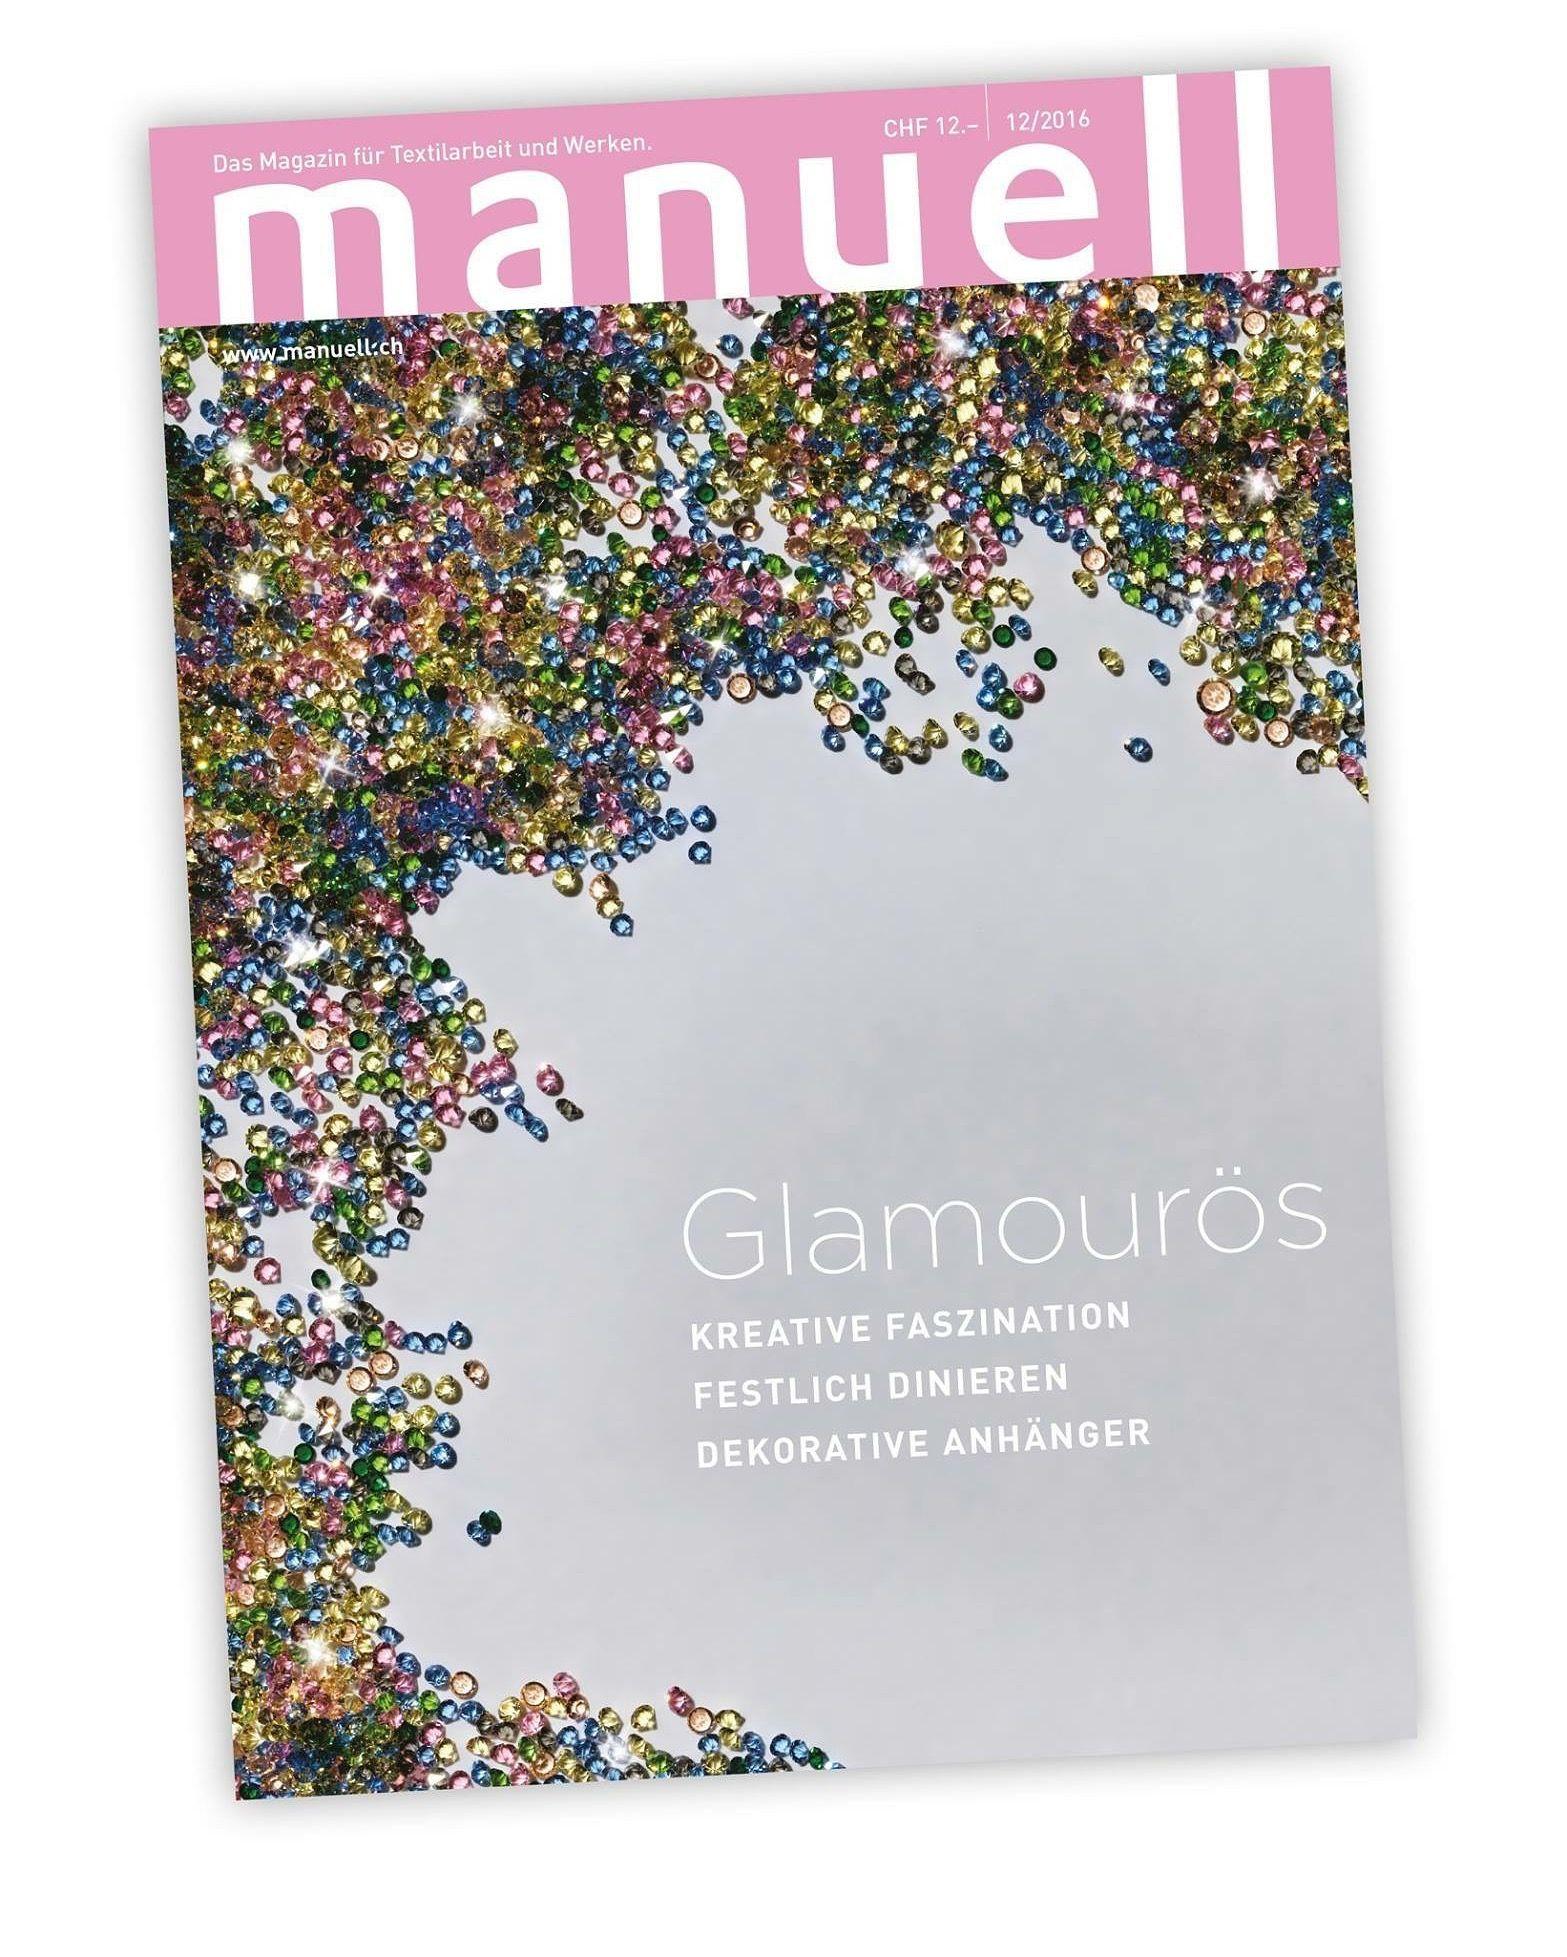 """Neue manuell-Ausgabe zum Thema """"Glamourös"""" kann man jetzt unter diesem Link bestellen: http://www.manuell.ch/shop/einzelhefte/2016/ #ansalia #manuell #bestellen #heft #schweiz #kreativ"""